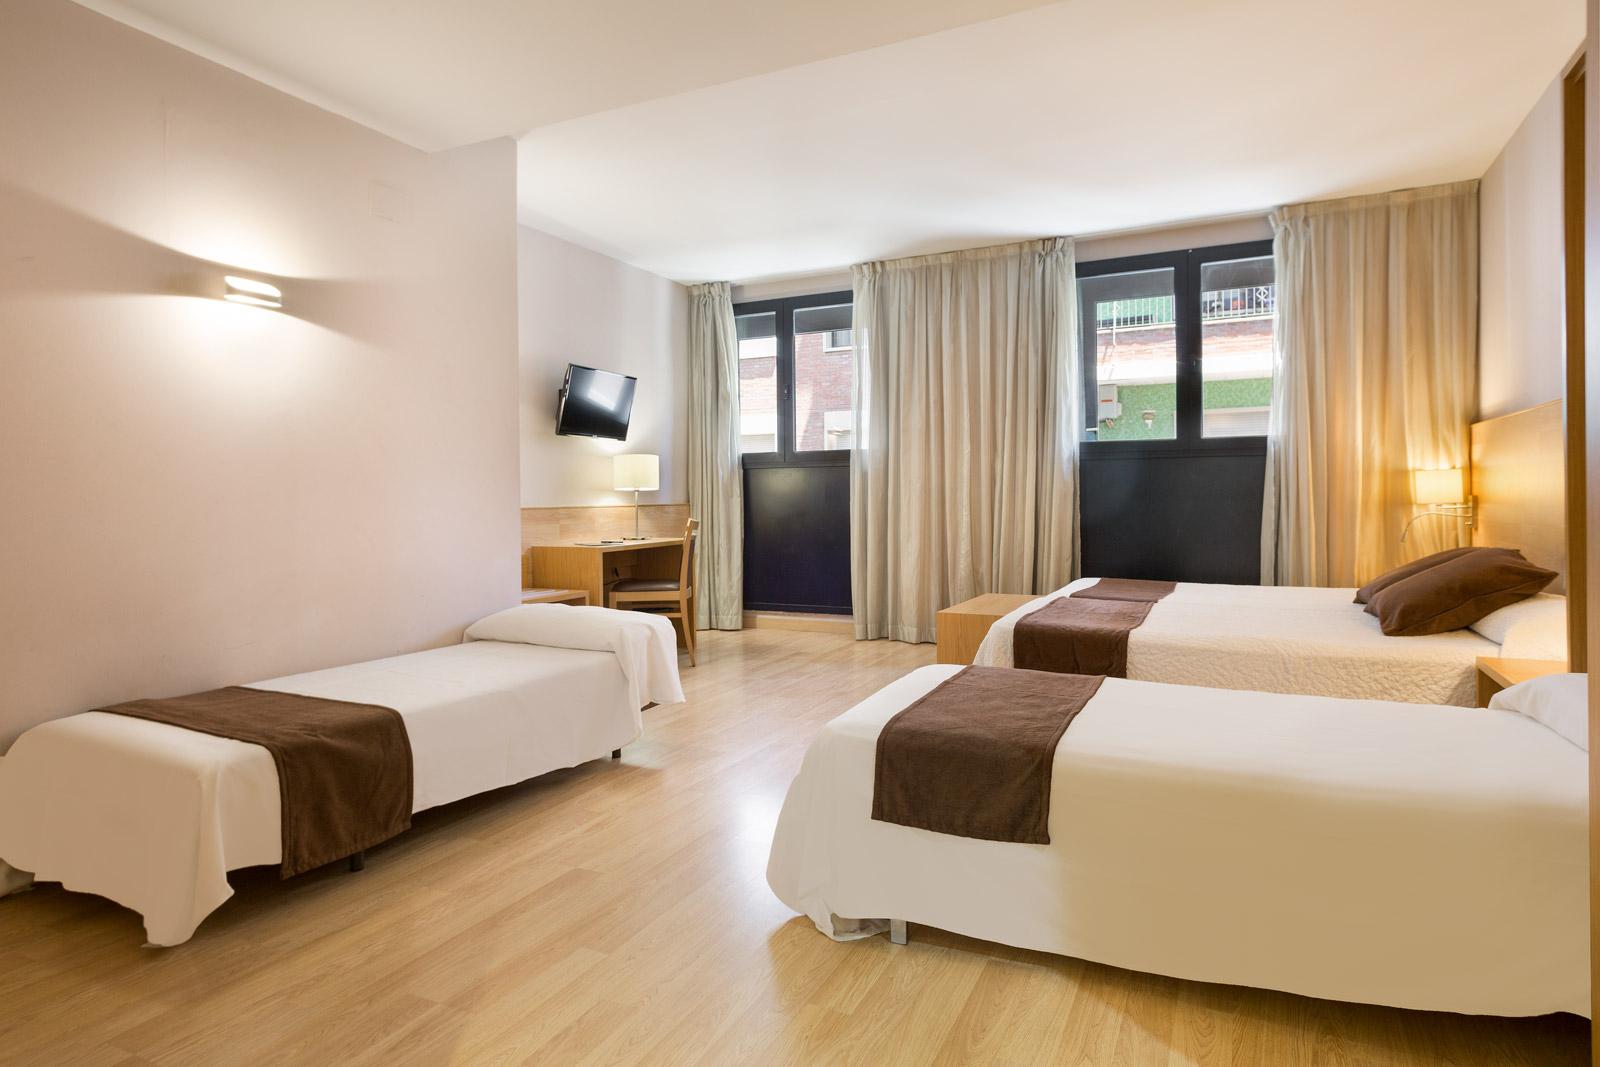 HOTEL_AZUL_HABITACIÓN_CUADRUPLE_C4T_01